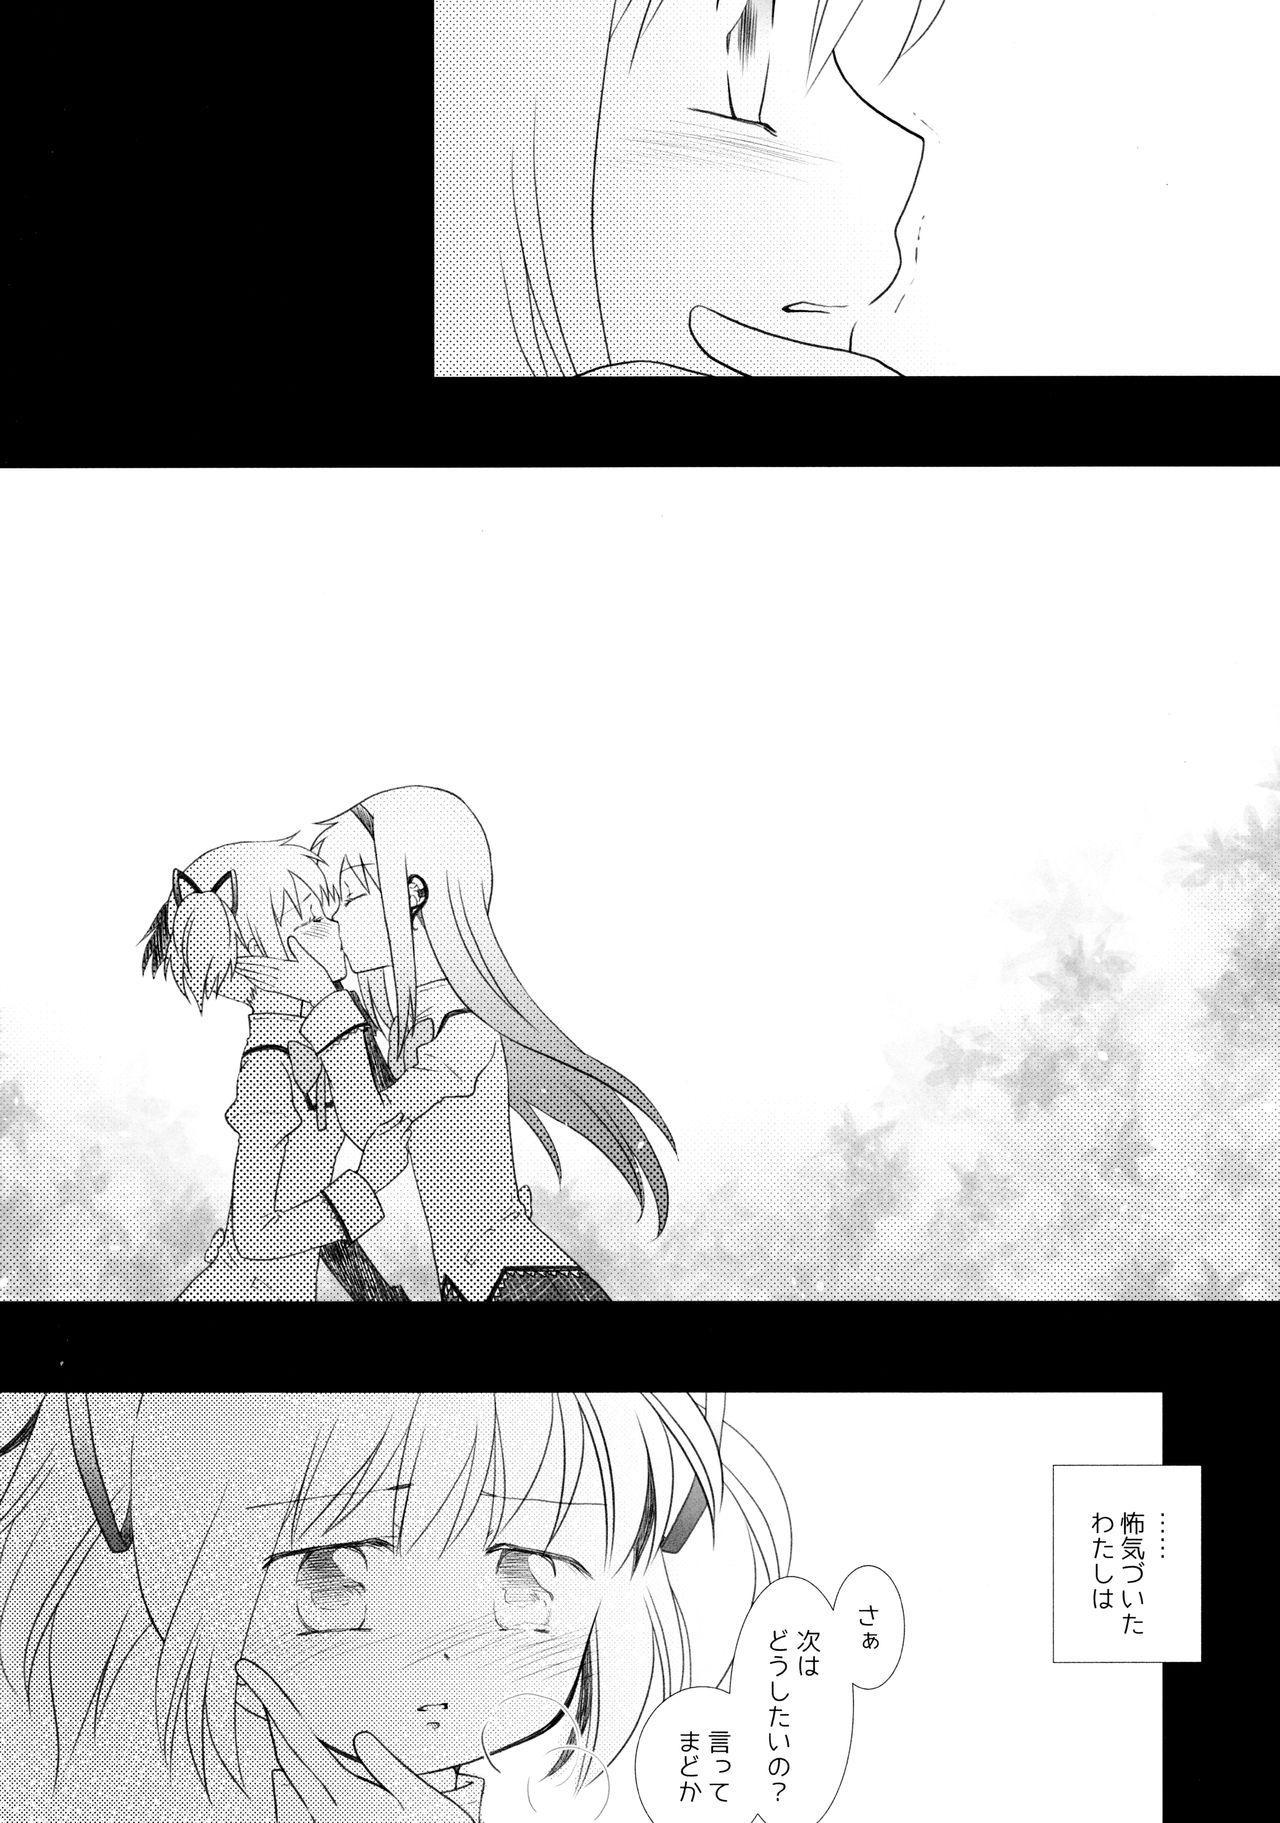 Utsuro no Mori 12